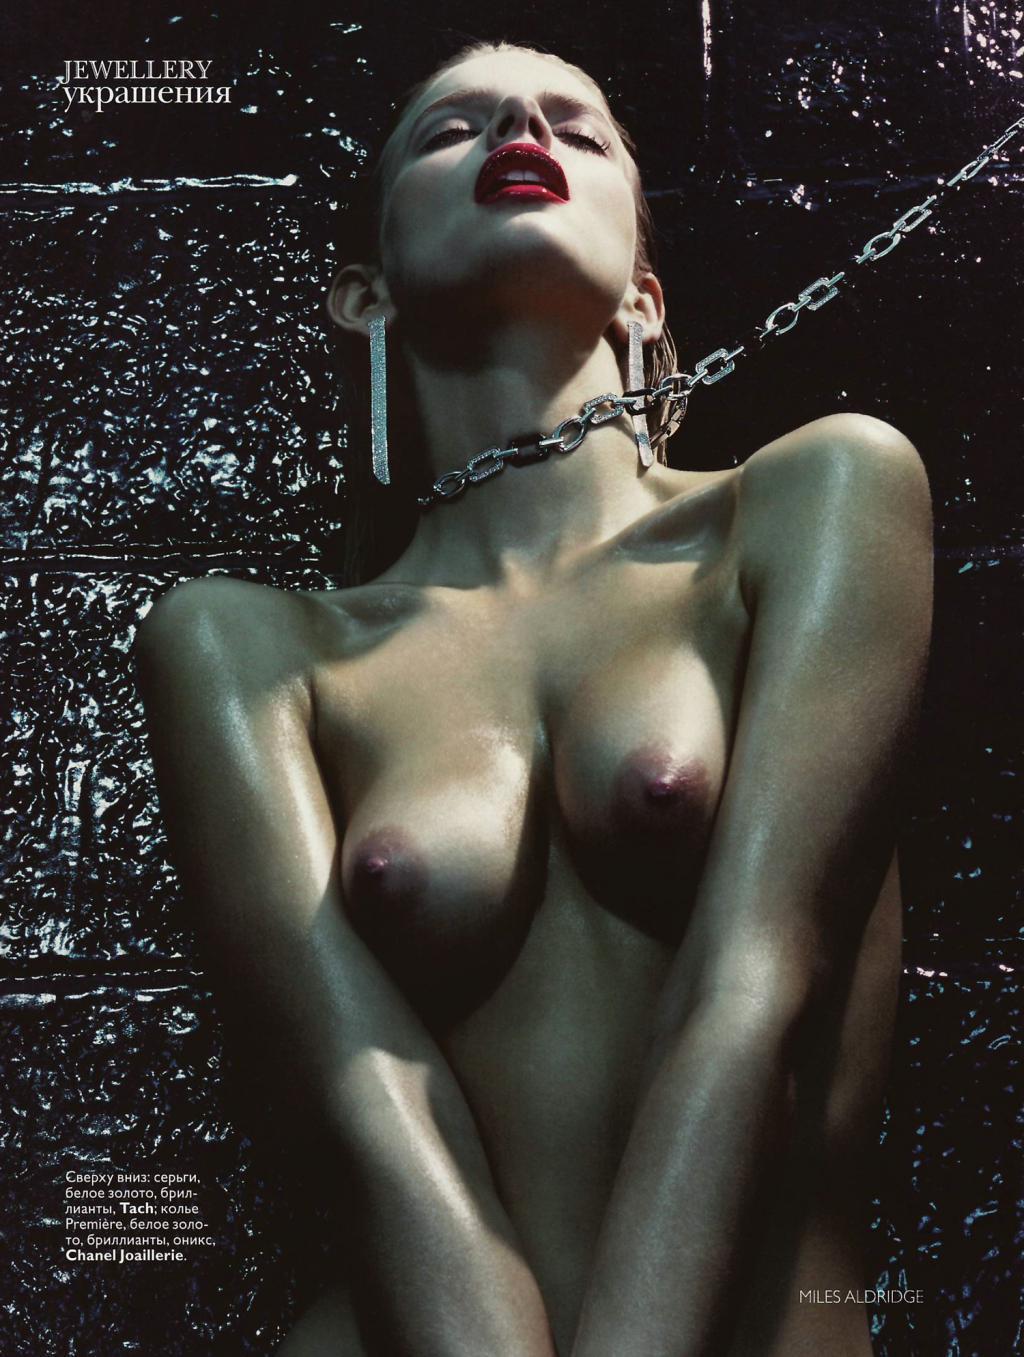 http://3.bp.blogspot.com/_xbWjYvC0Tgk/S_c3lYlIgII/AAAAAAAAKD8/2CGLhE19hgg/s1600/ueRuA-c98f981bdf31f1a0ac41d4a7e7af1a59-resize.jpg